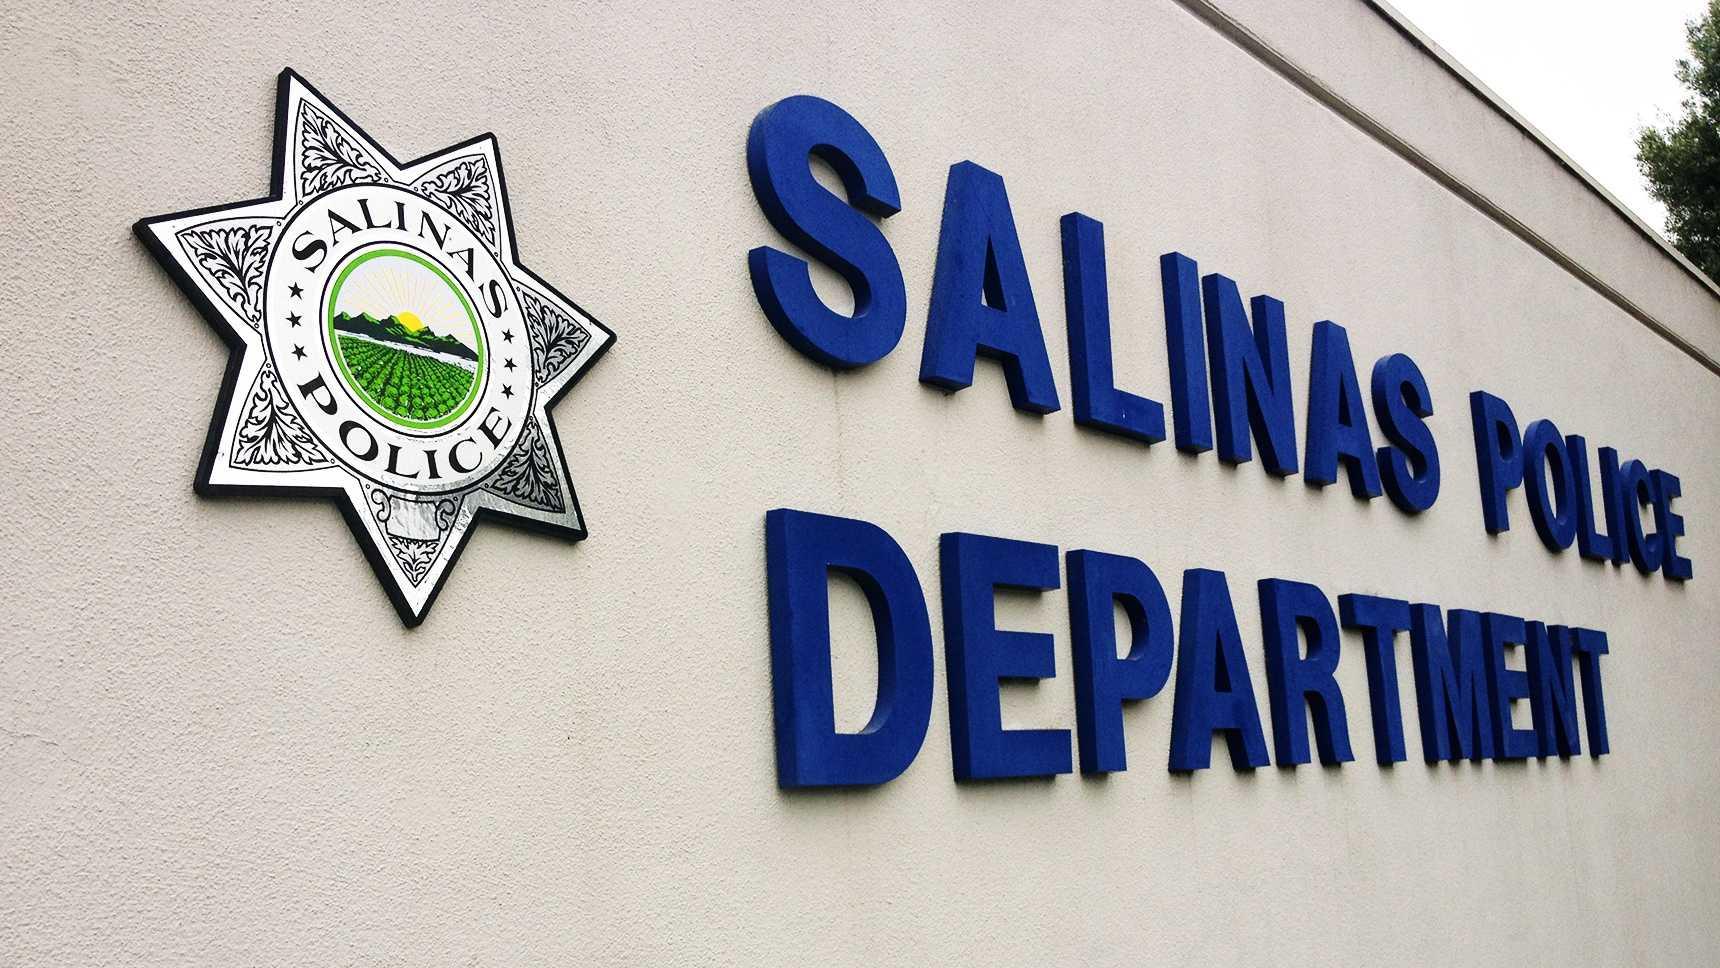 salinas police generic.jpg